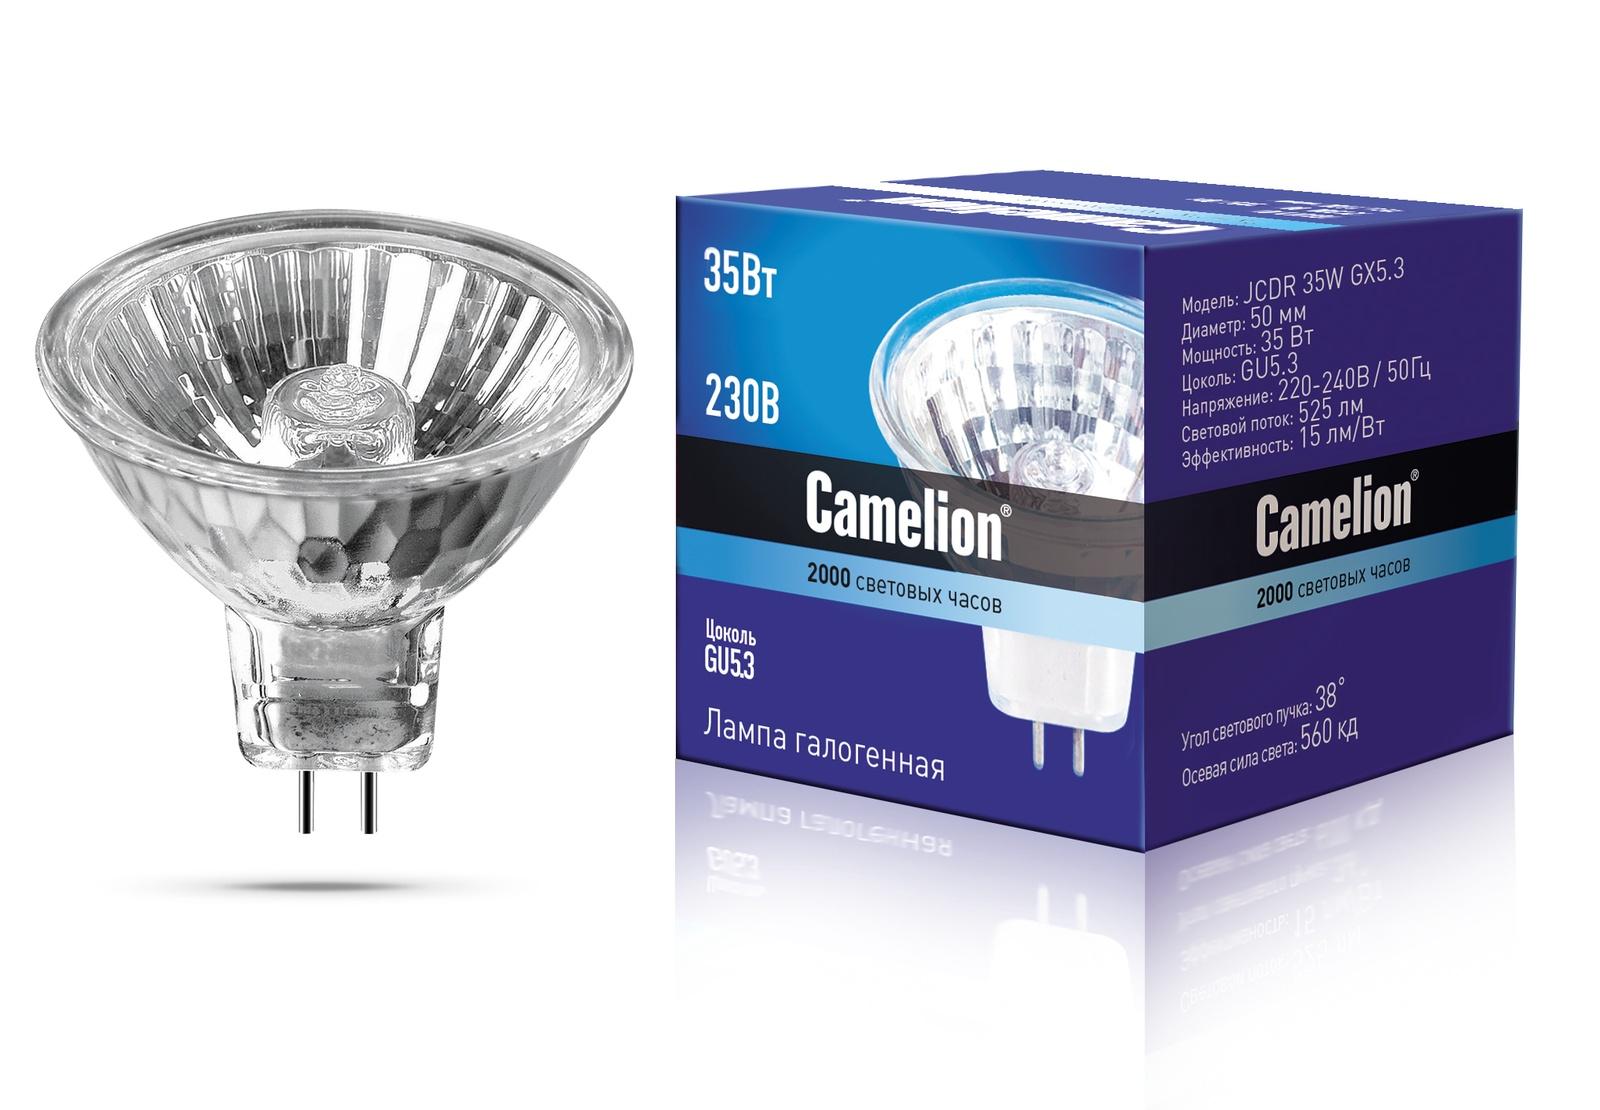 Лампочка Camelion JCDR 35W 220V 50mm 35 Вт, Галогенная